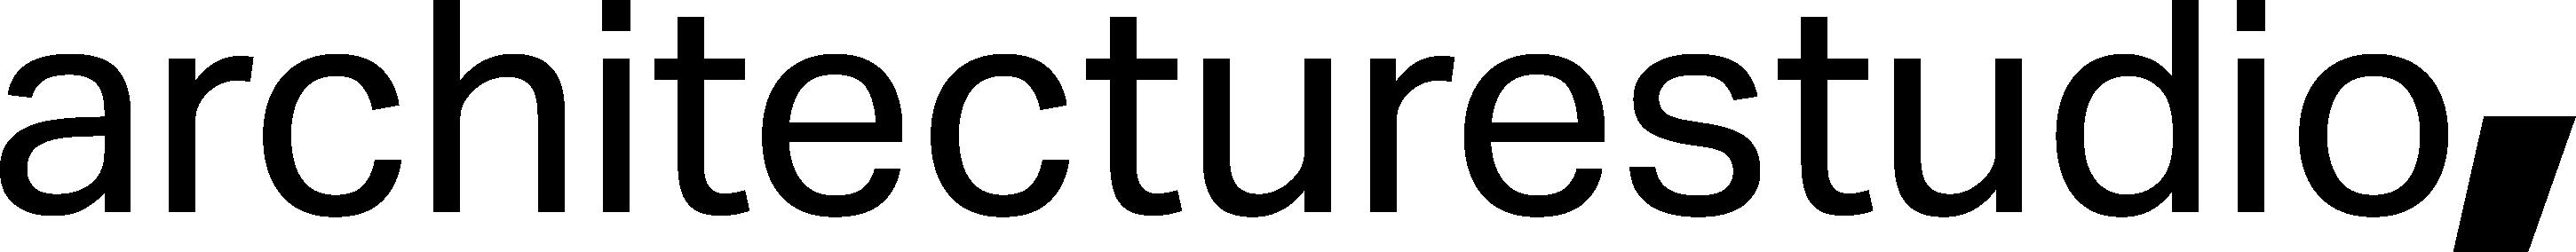 architecturestudio_logo_black